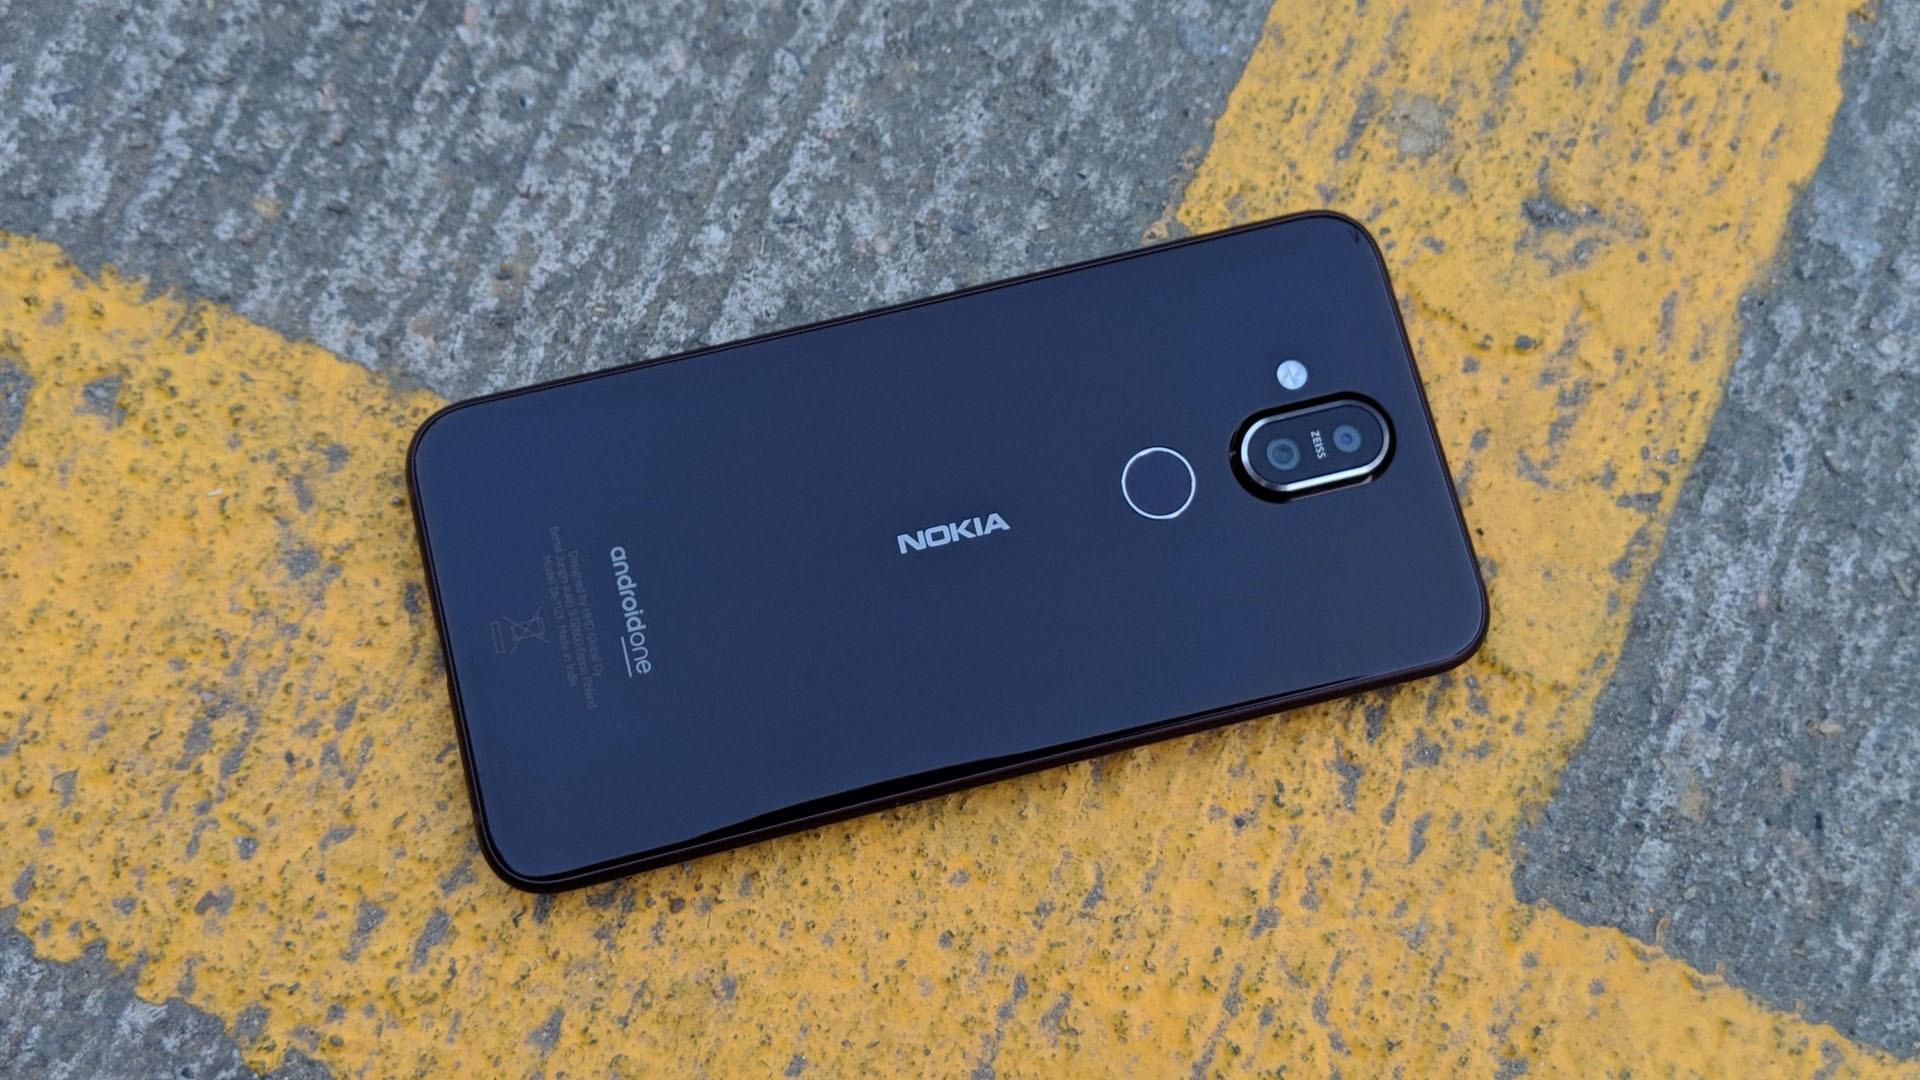 nokia-gioi-thieu-smartphone-moi-1